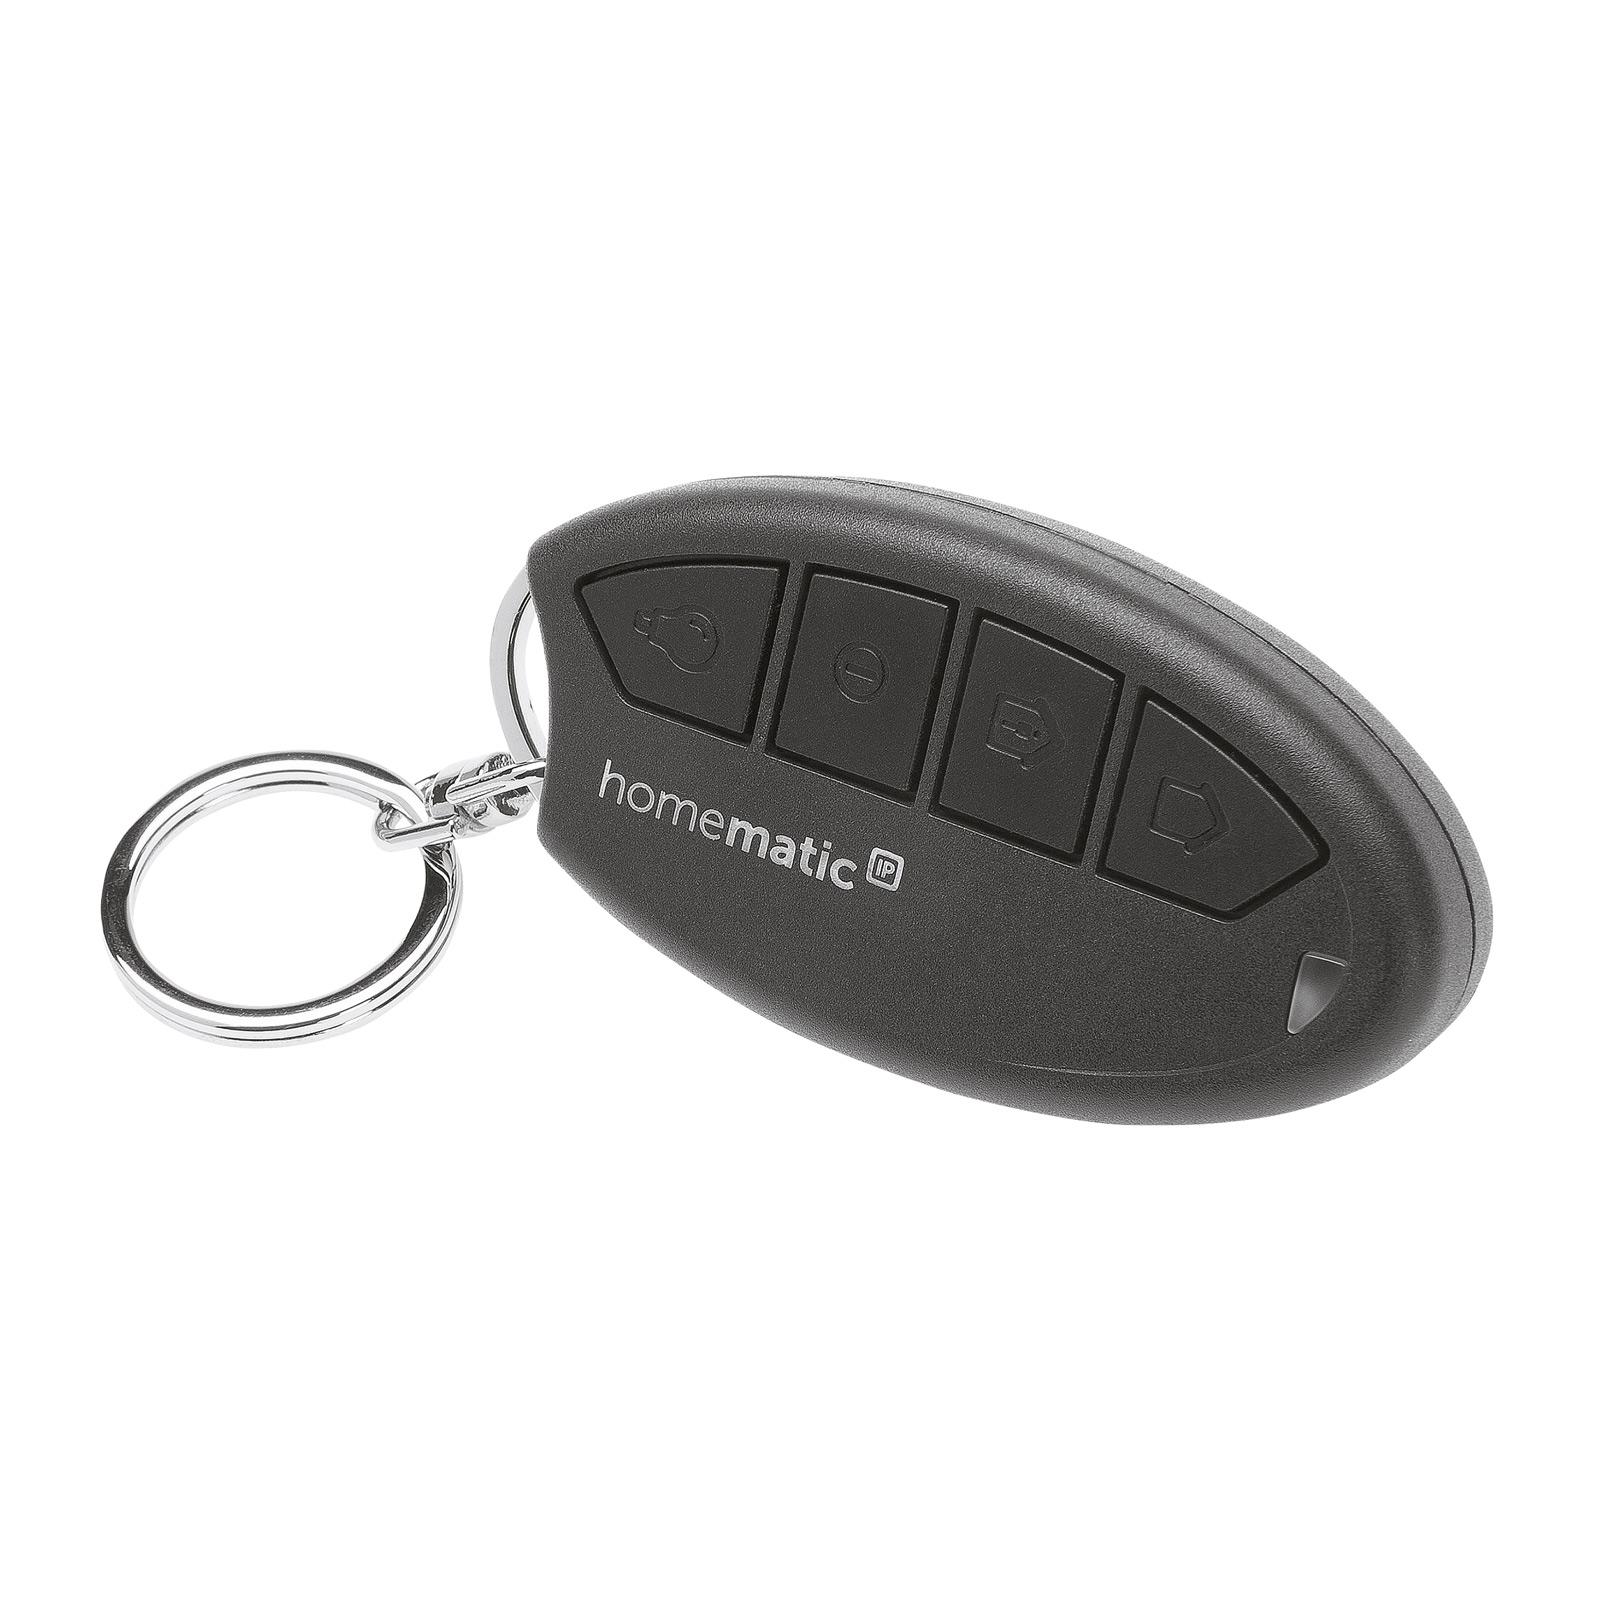 Homematic IP télécommande porte-clés pour alarme